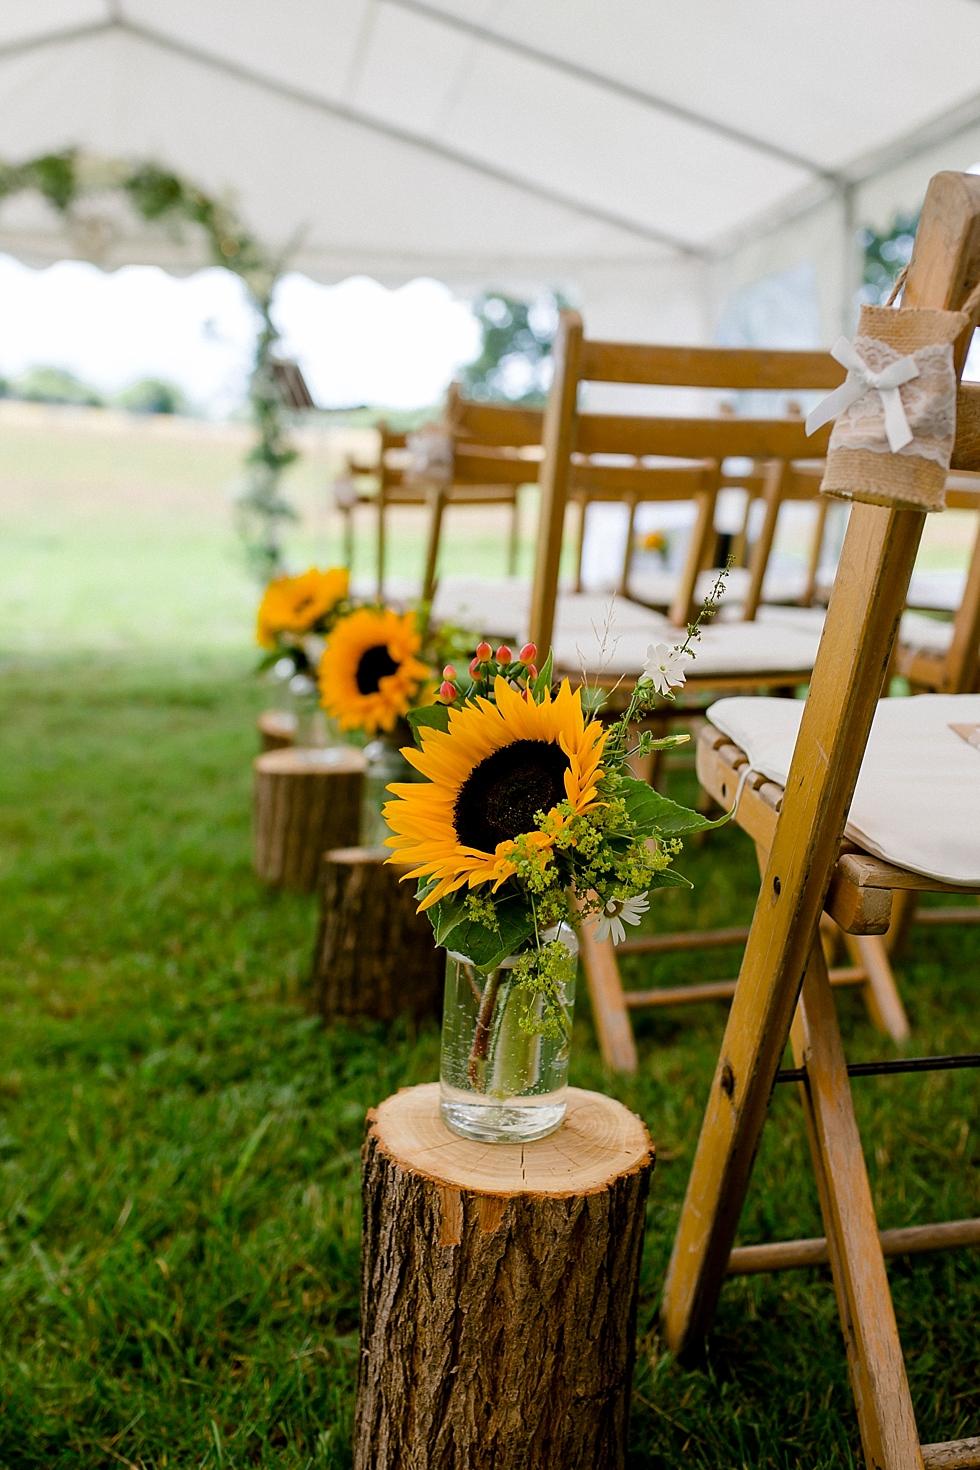 Sonnenblumendeko, Freie Trauung, Holzstühle, Heiraten im Haverbeckhof Bispingen - Jana Richter fotografie-29.jpg